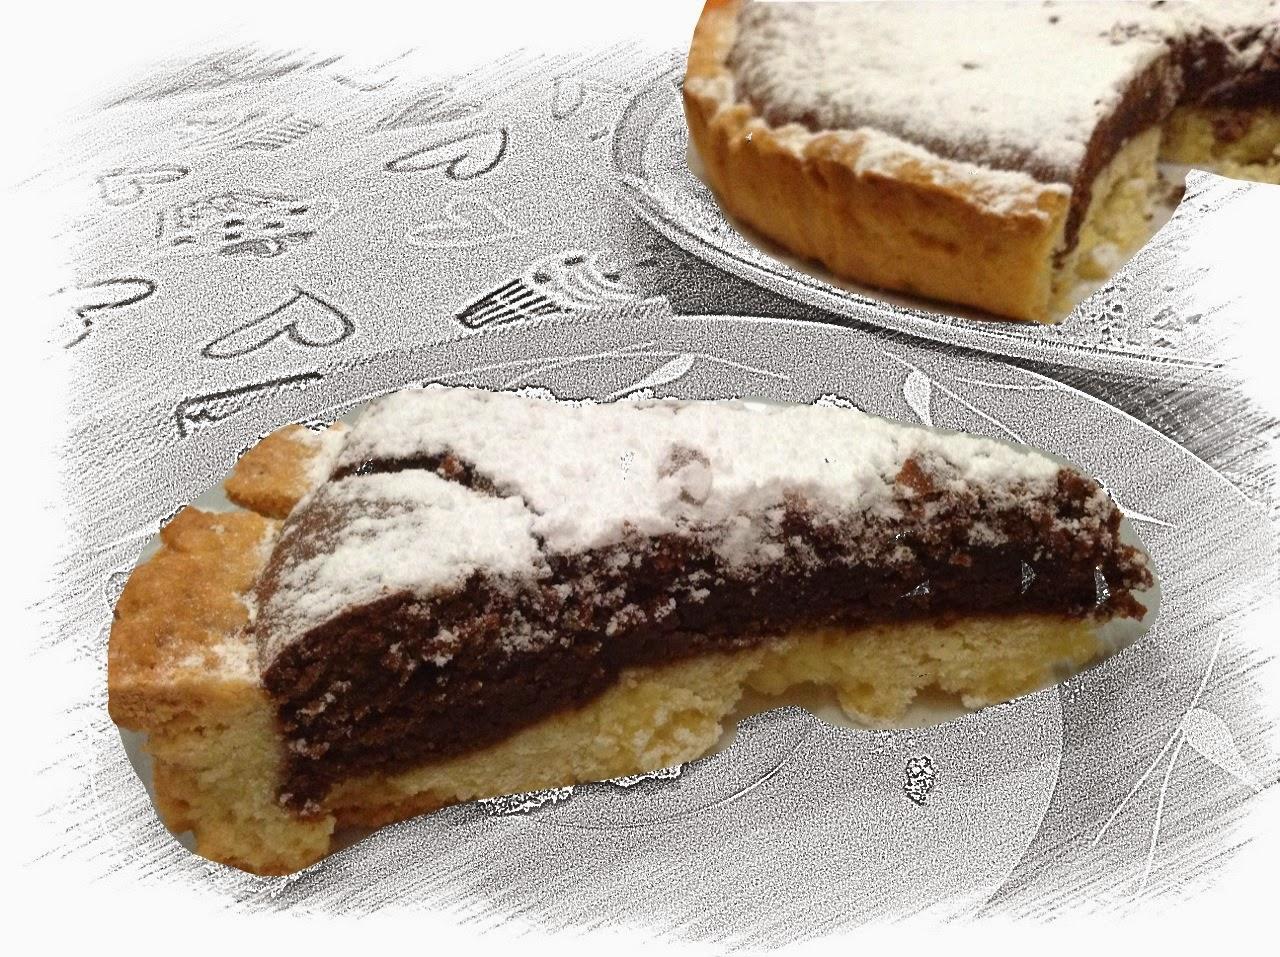 http://dibuongusto.blogspot.it/2014/03/crostata-ripiena-al-cioccolato.html